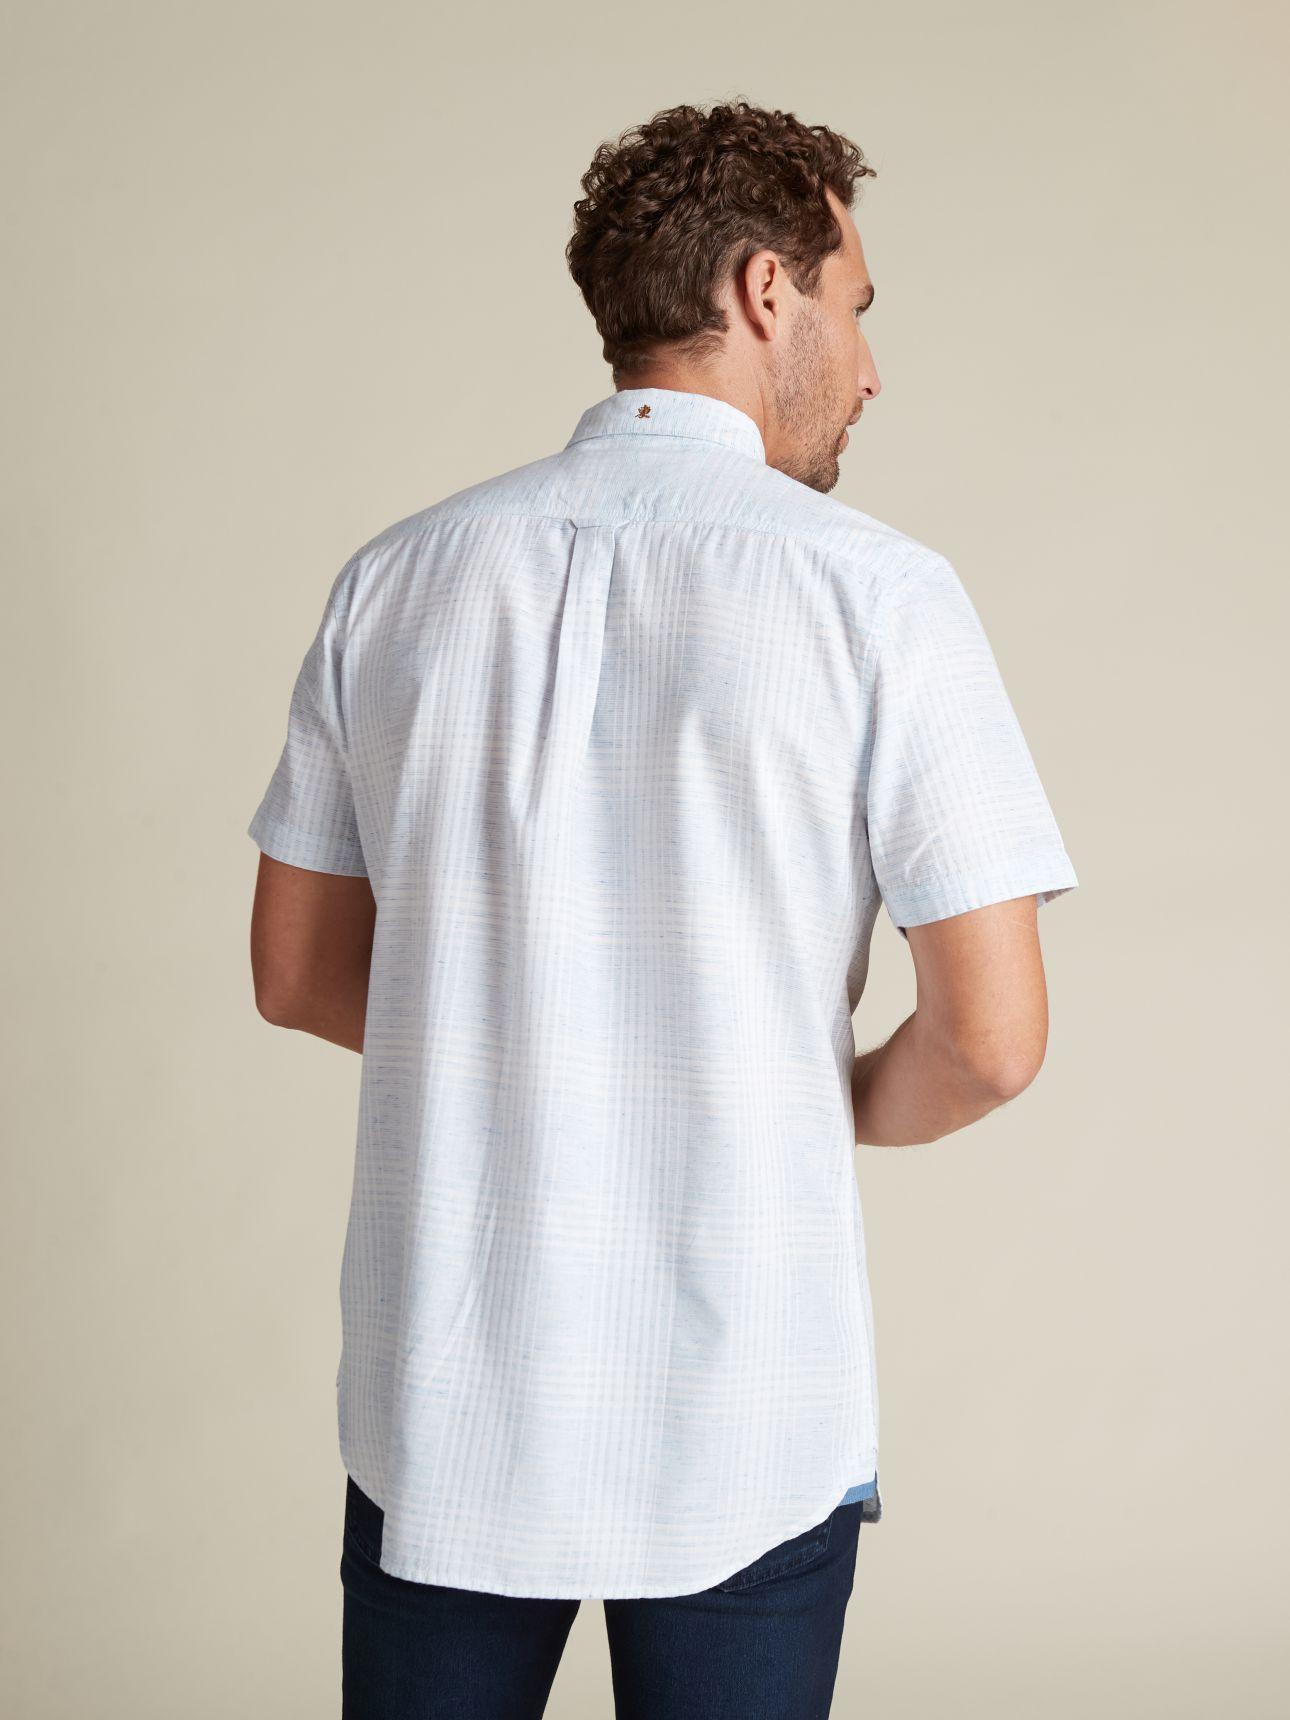 חולצה מכופתרת משבצות בהירות